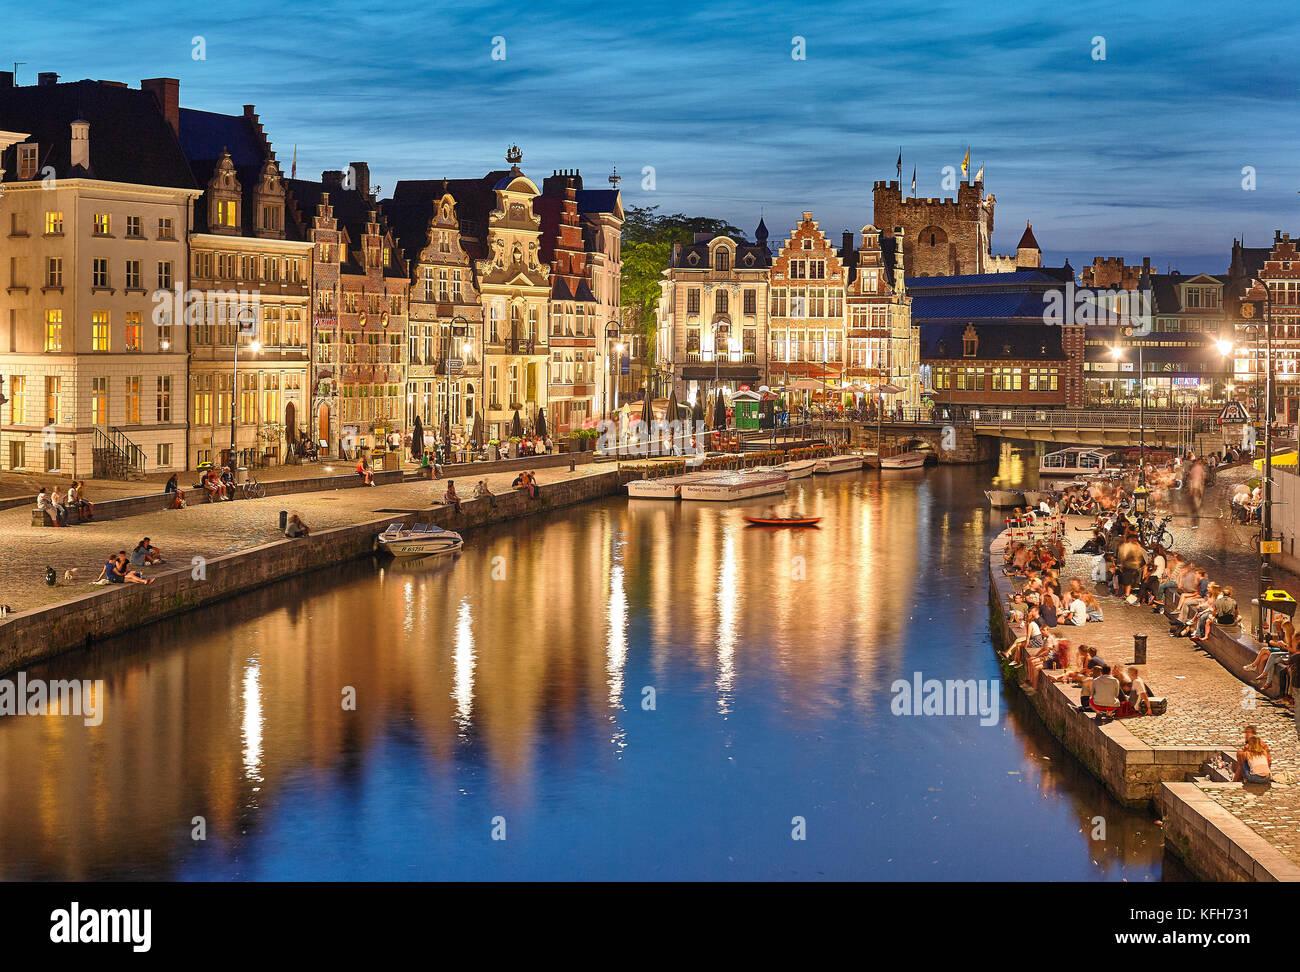 Geel Belgium Stock Photos Amp Geel Belgium Stock Images Alamy